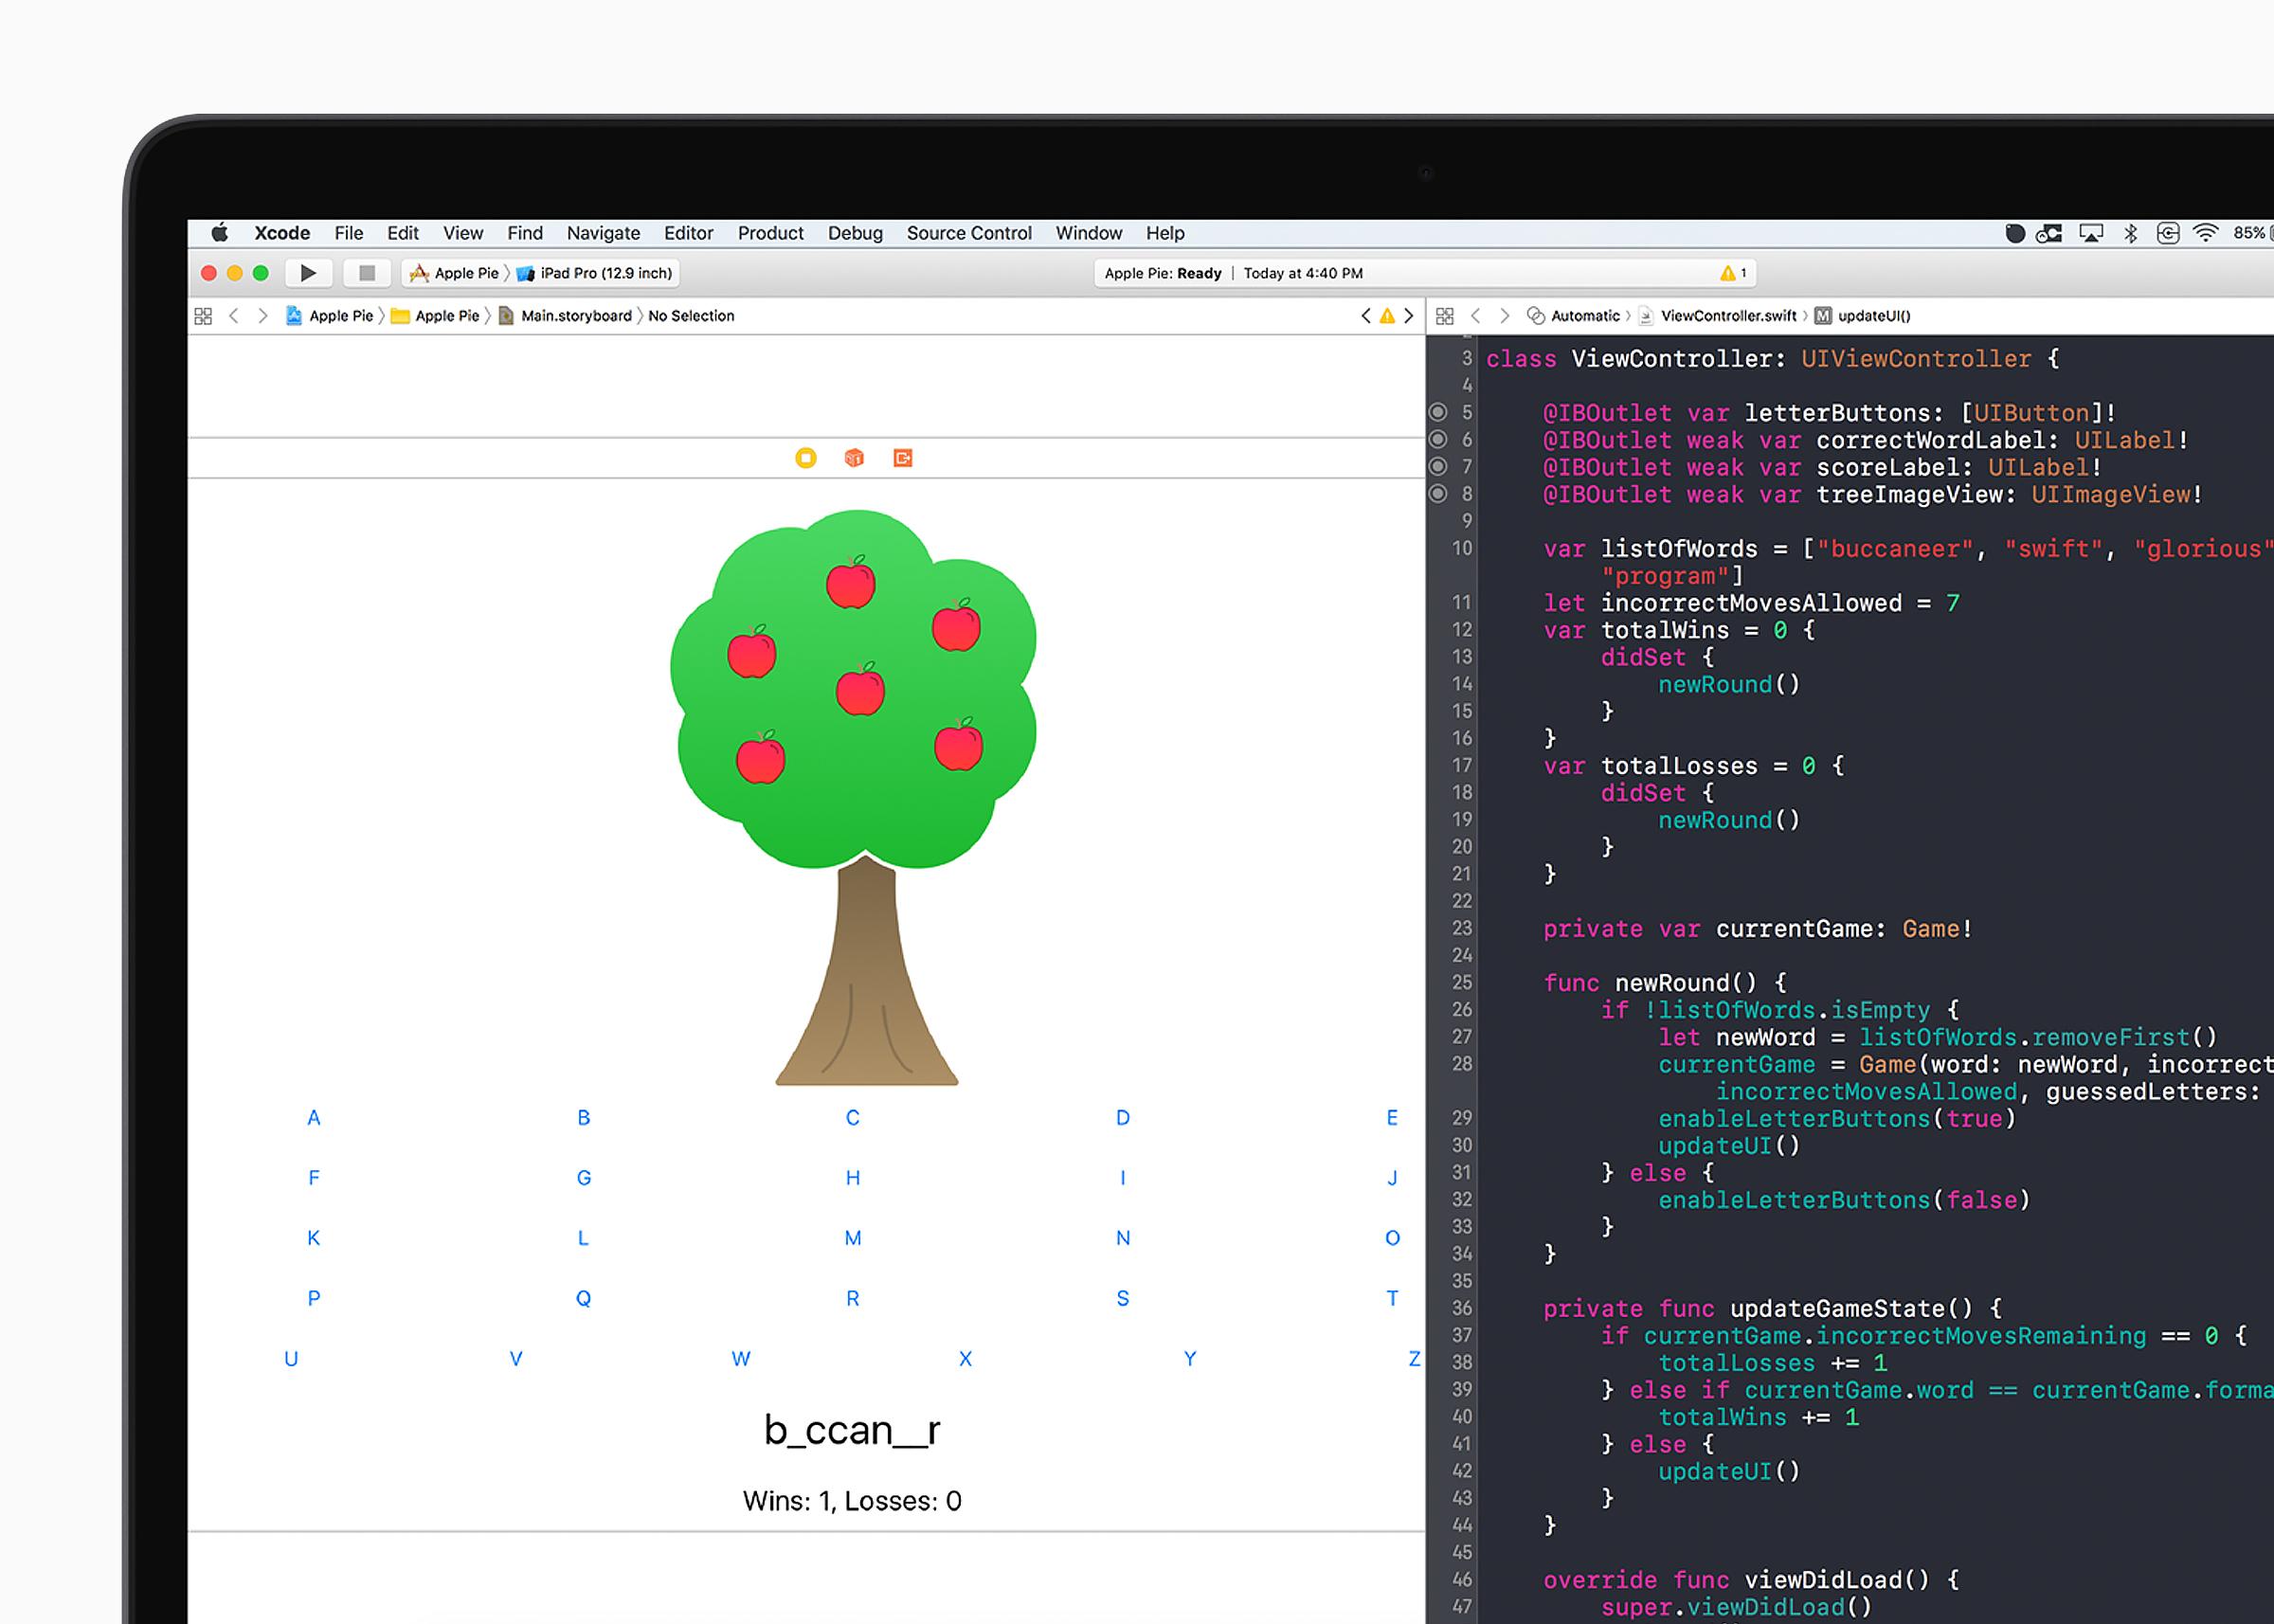 Apple, 고등학생 및 커뮤니티 컬리지 학생들을 위한 앱 개발 커리큘럼 출시